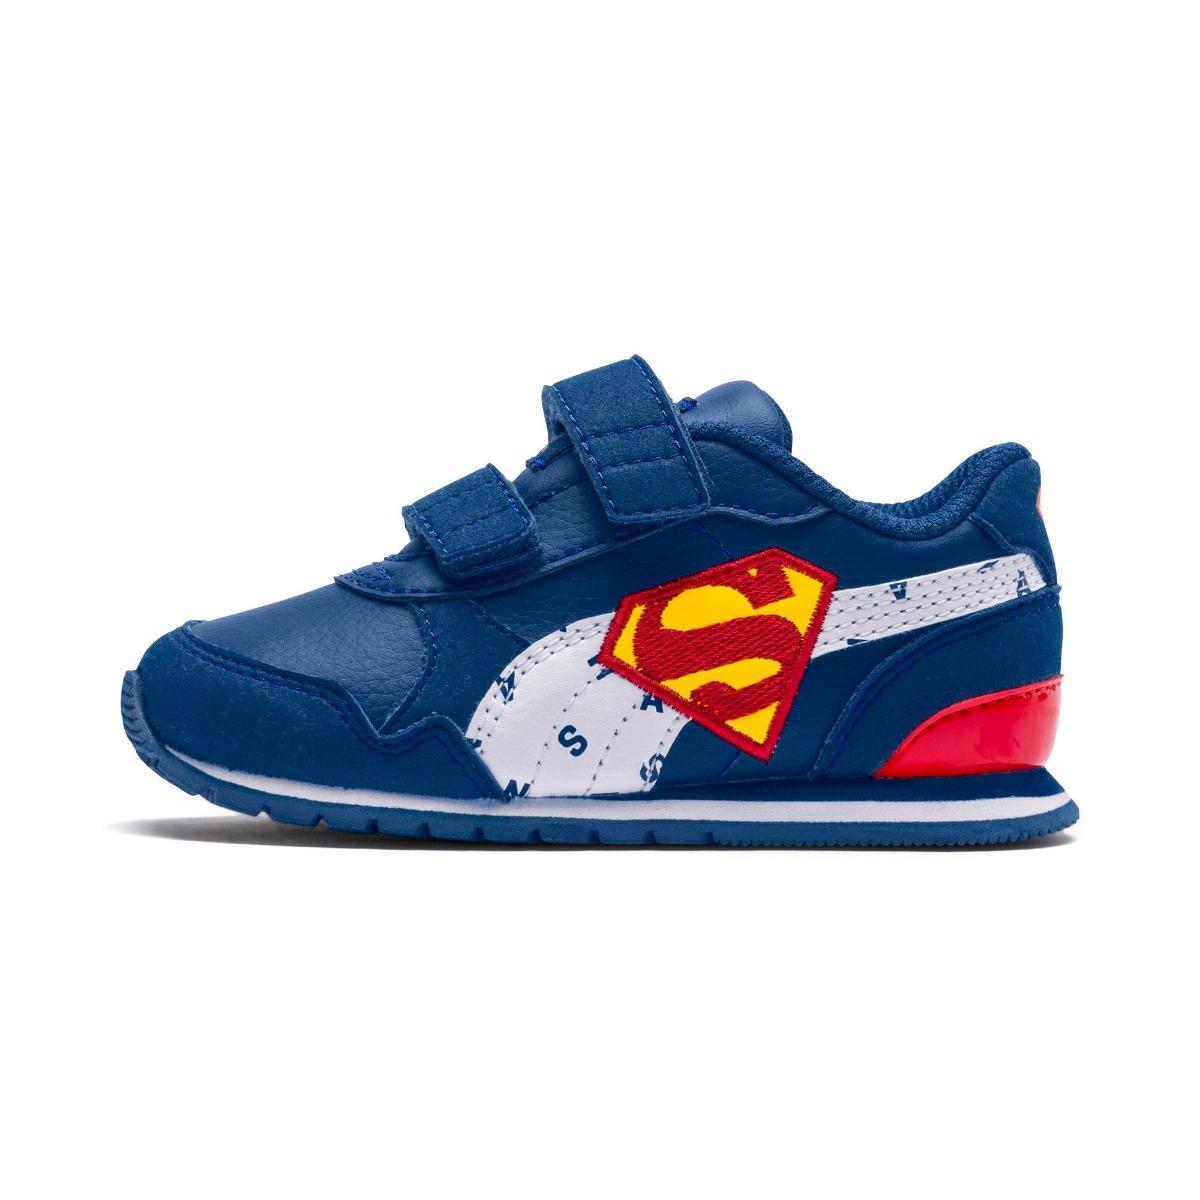 44c8ff1674a tenis puma liga de la justicia superman bebe talla 11 y 14. Cargando zoom.